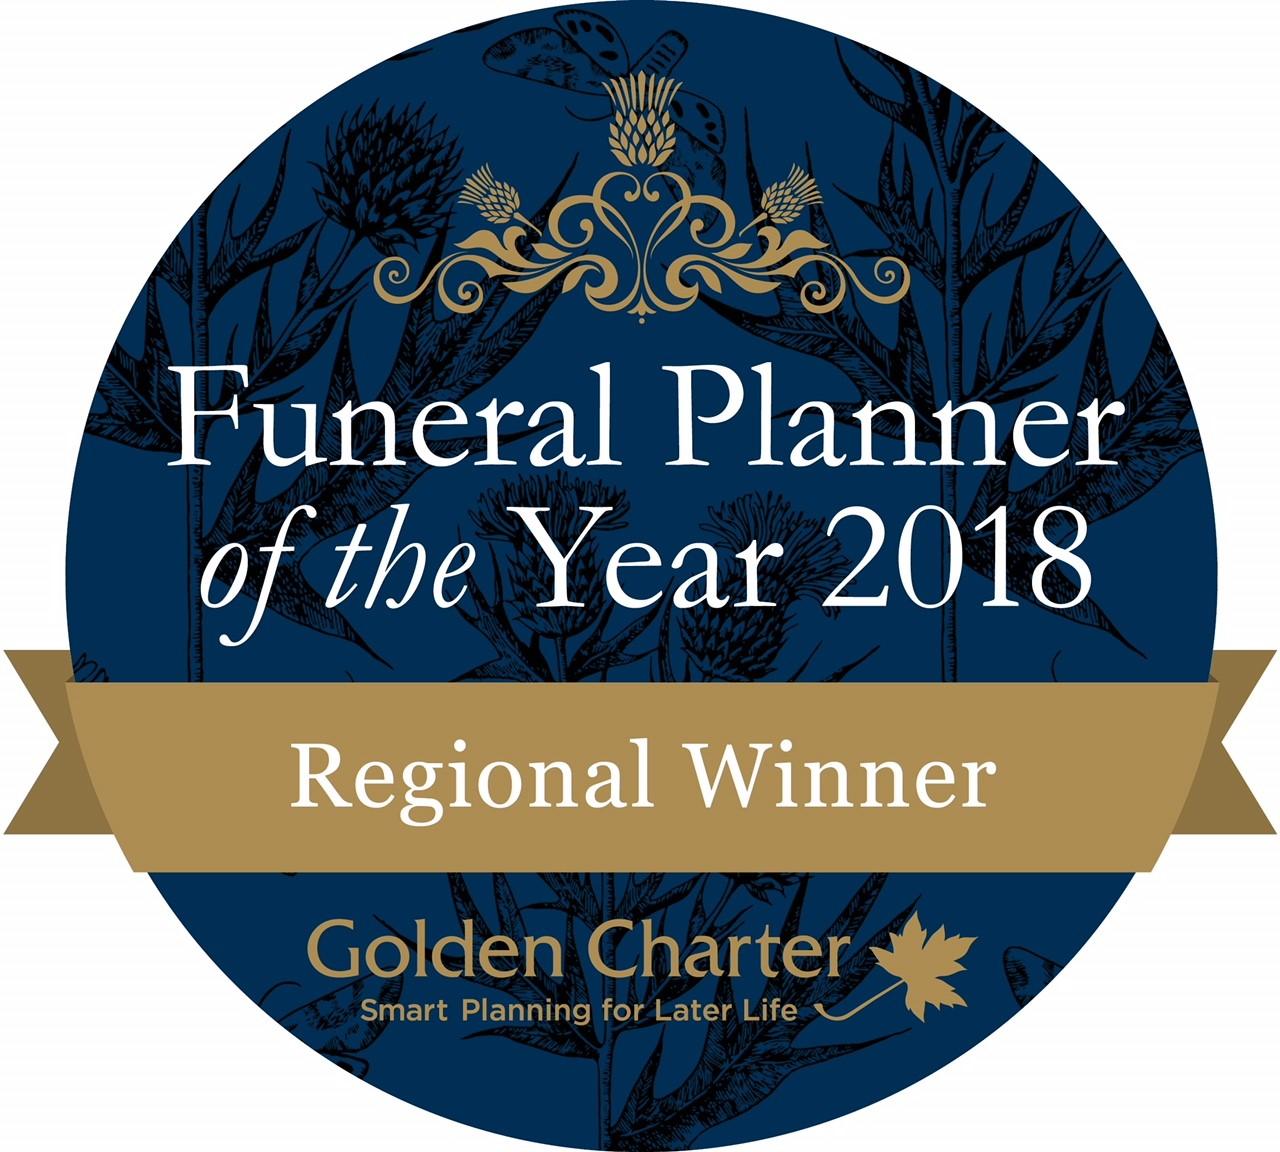 Regional Winner 2018